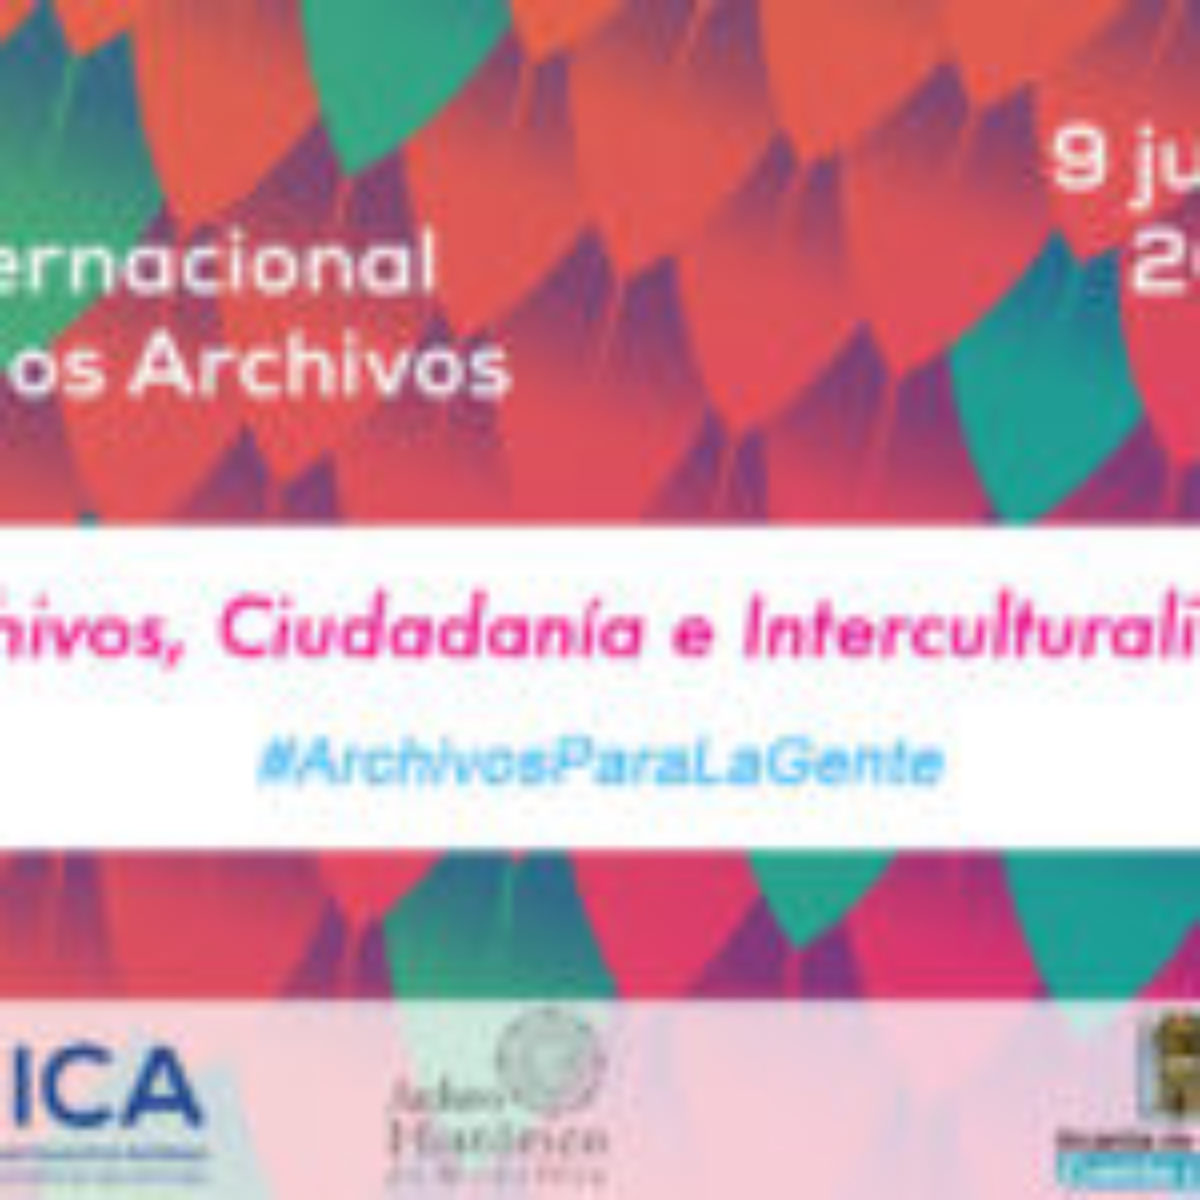 Celebración Día Internacional de los Archivos